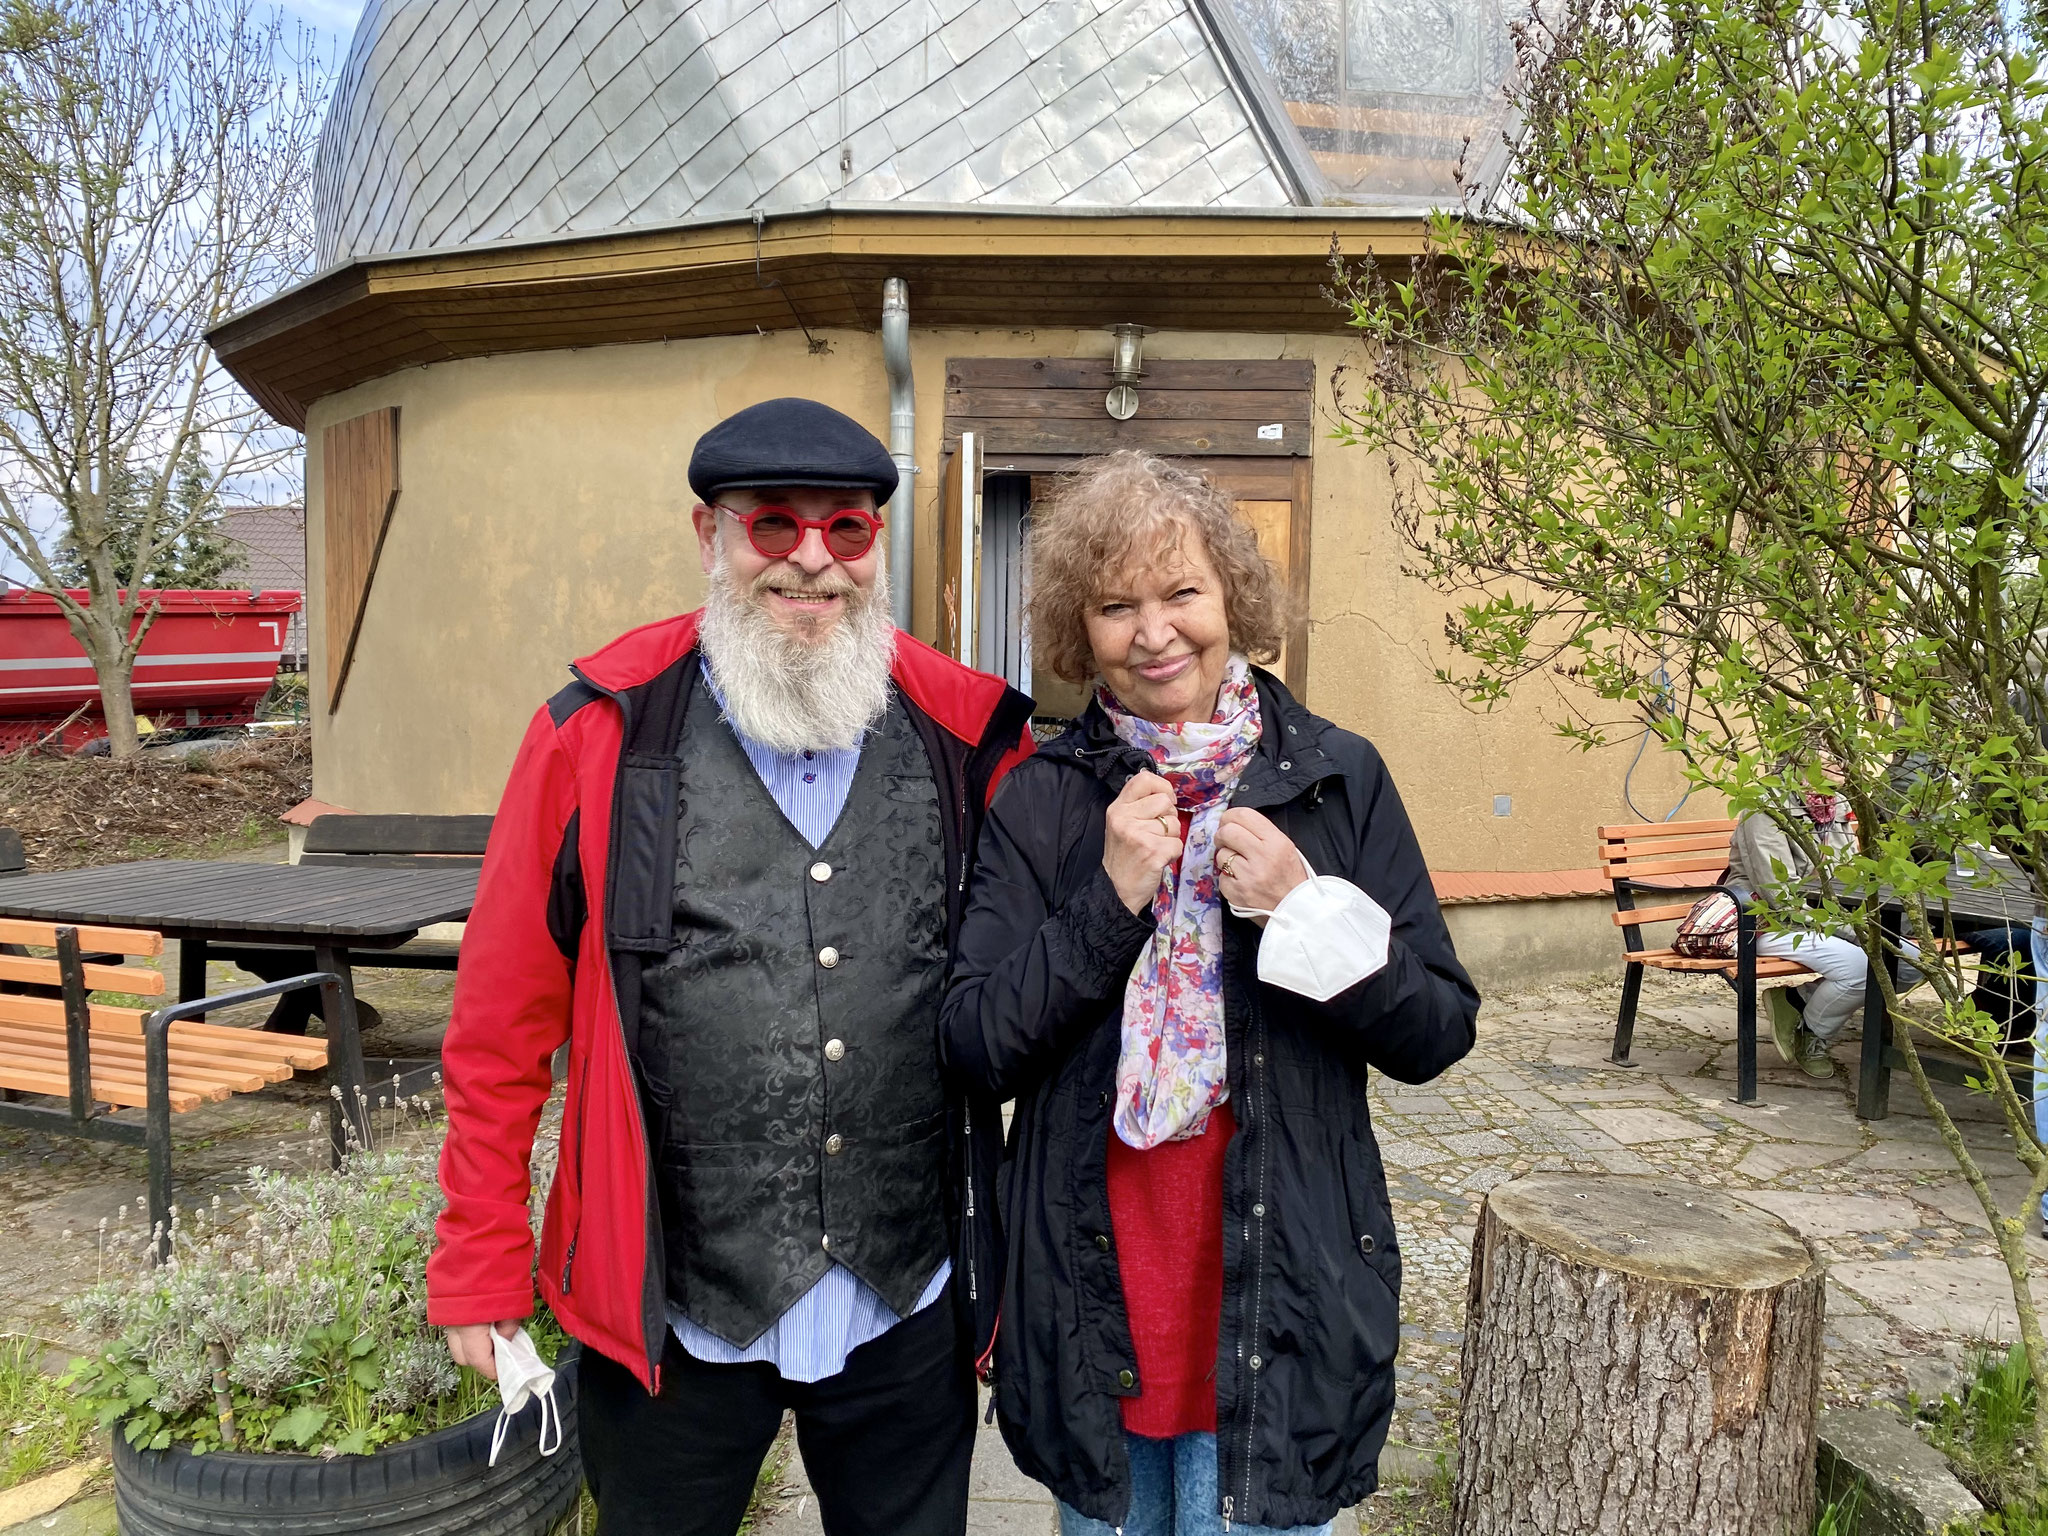 Wolfhart Ulbrich (SPD) von der Spielplatzinitiative mit Frau Puppendoktor Pille, Urte Blankenstein.